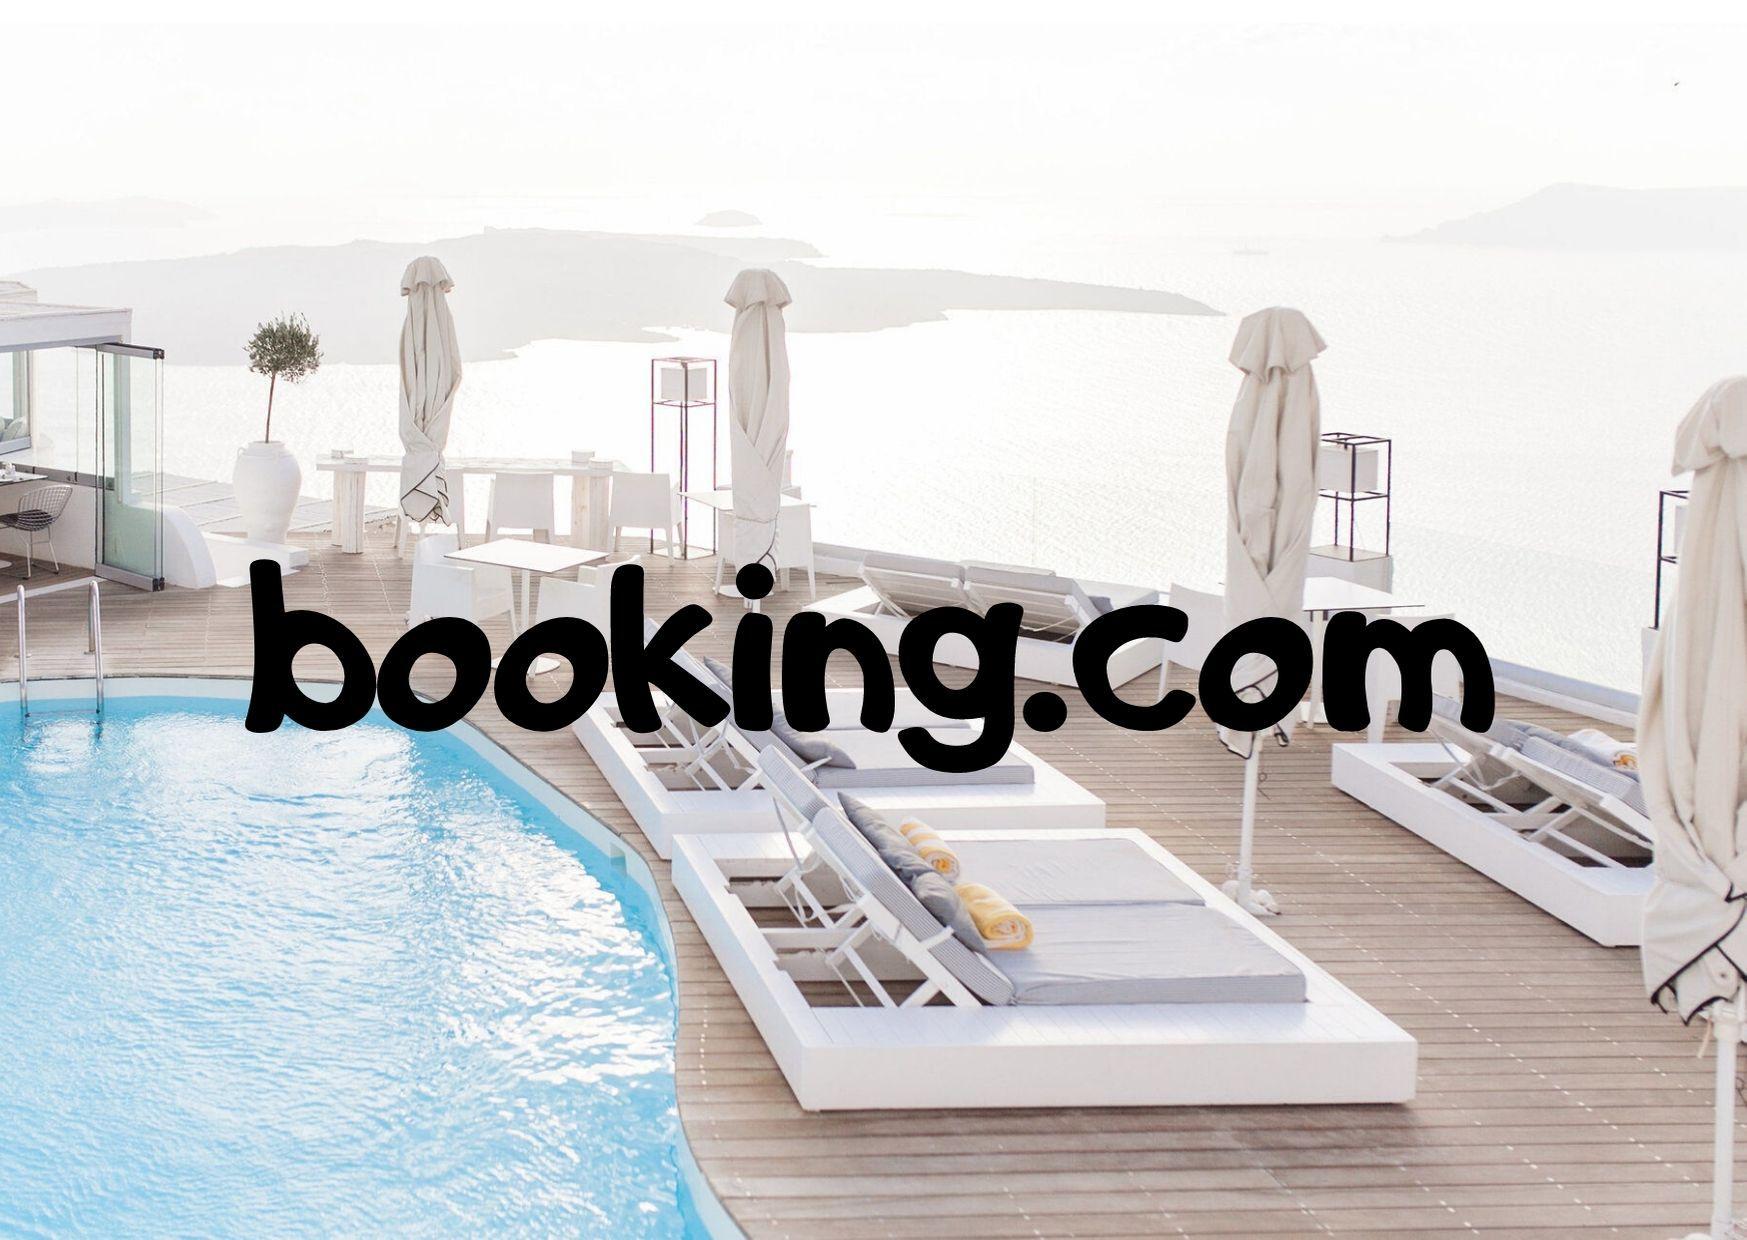 Booking.com всемирно известный сервис для бронирования путешествий